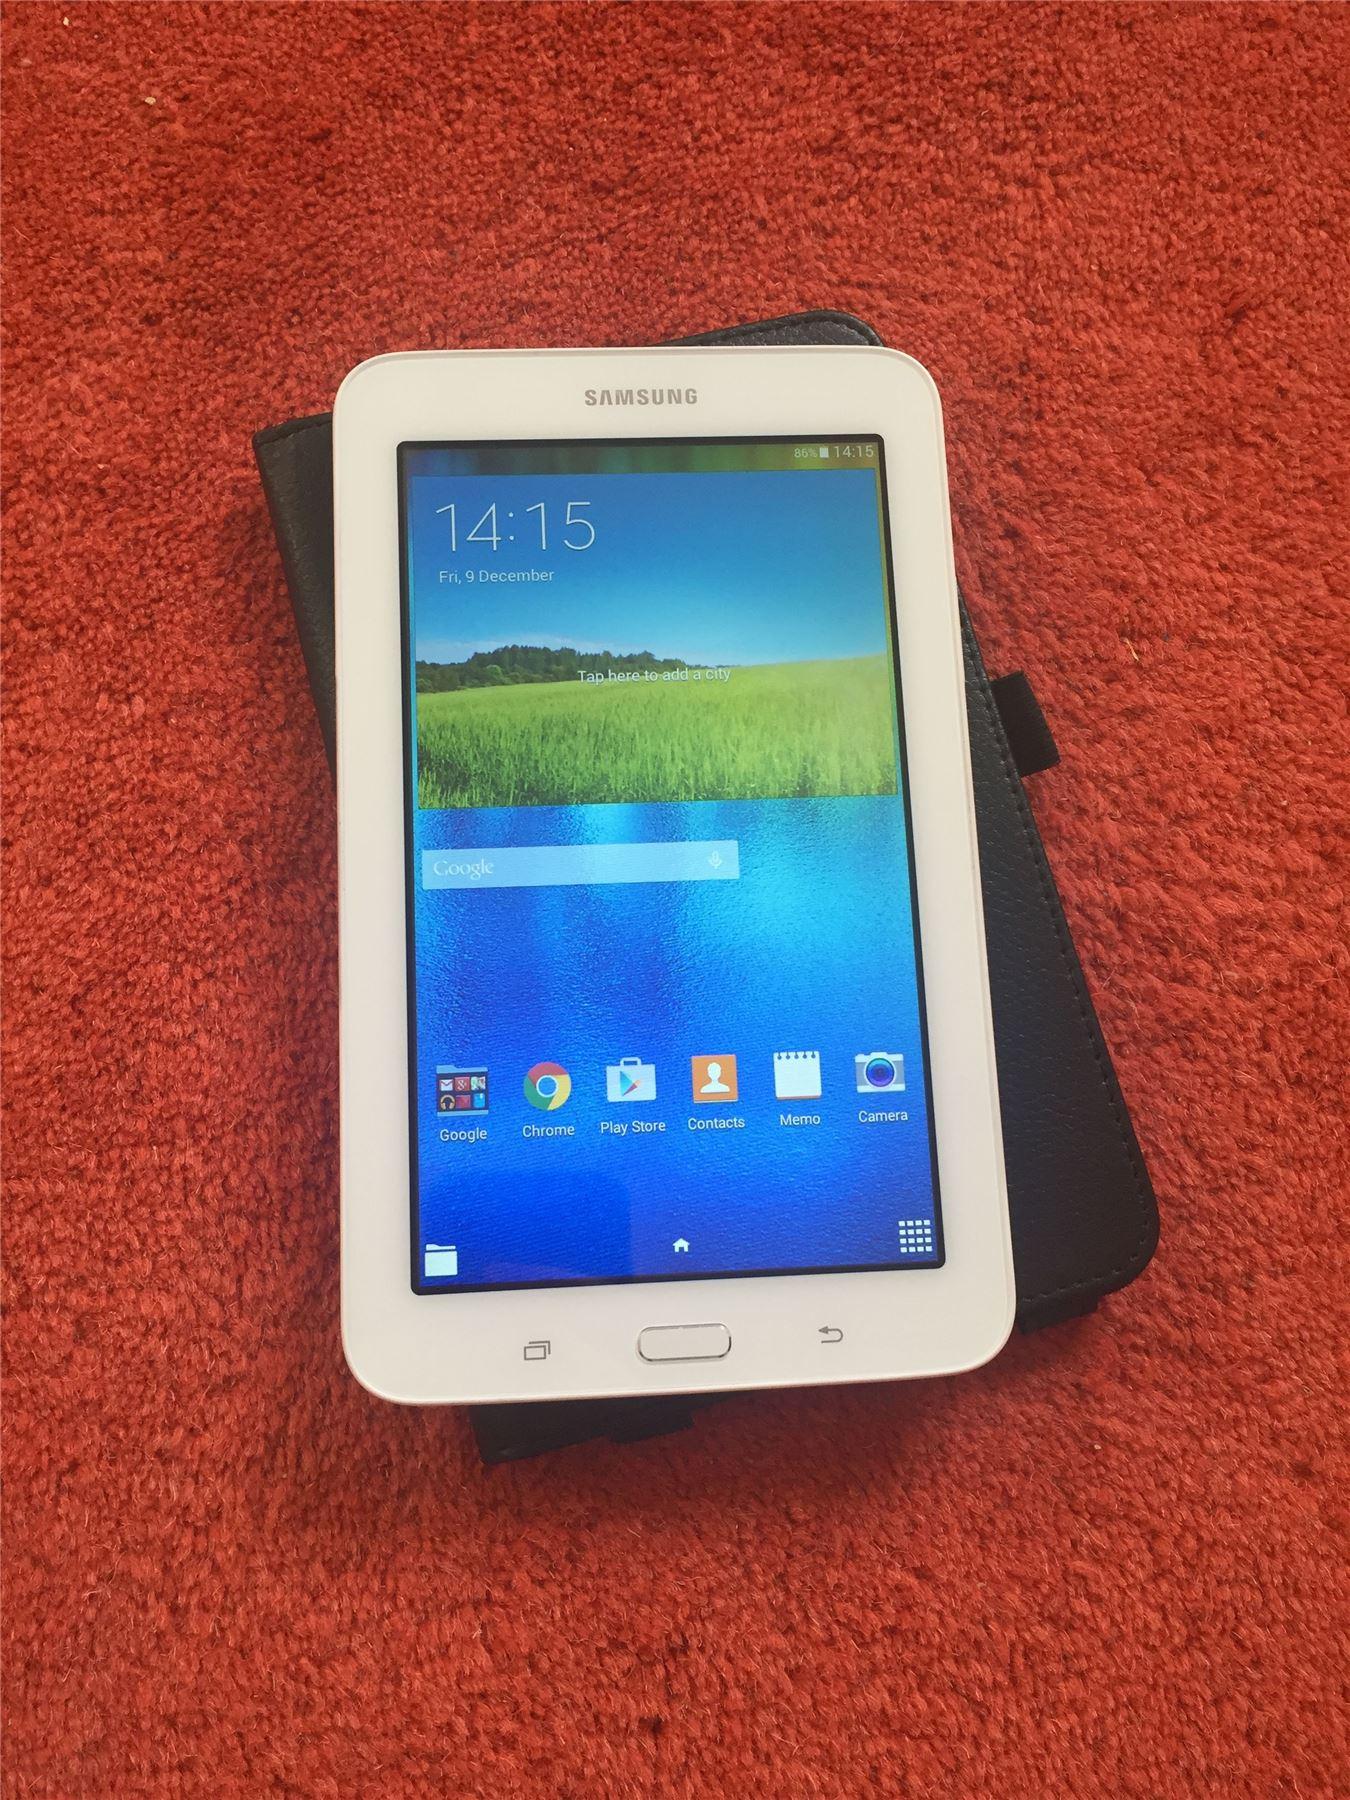 Samsung galaxy tab 3 lite sm t113 white 7 8gb wifi android 4 4 4 tablet ebay - Samsung galaxy tab 4 lite ...